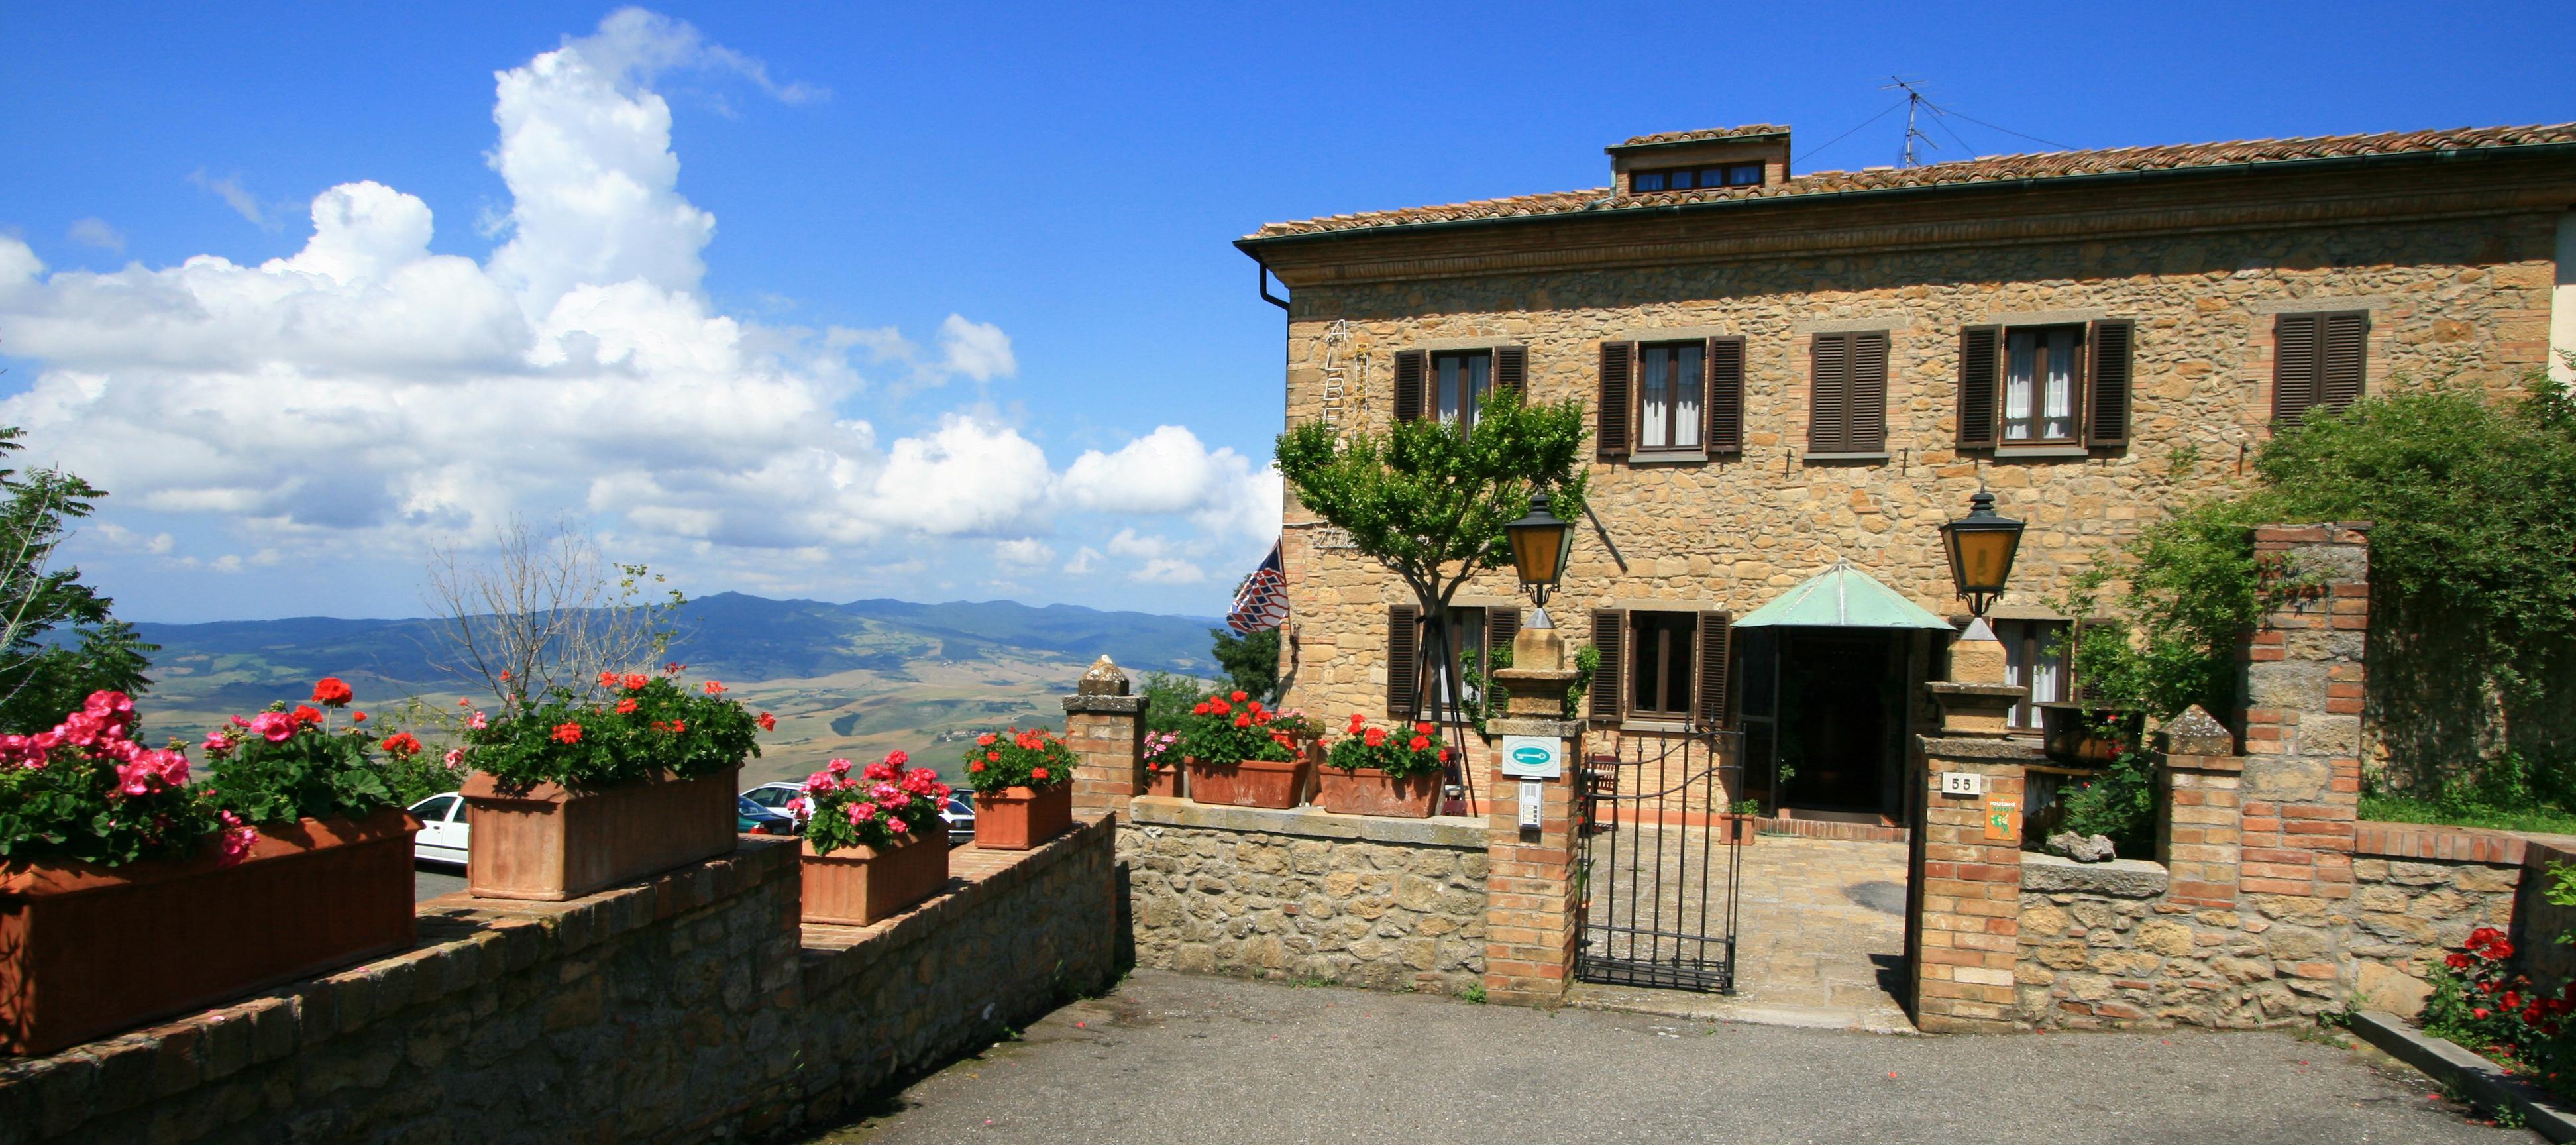 Hotel Villa Nencini